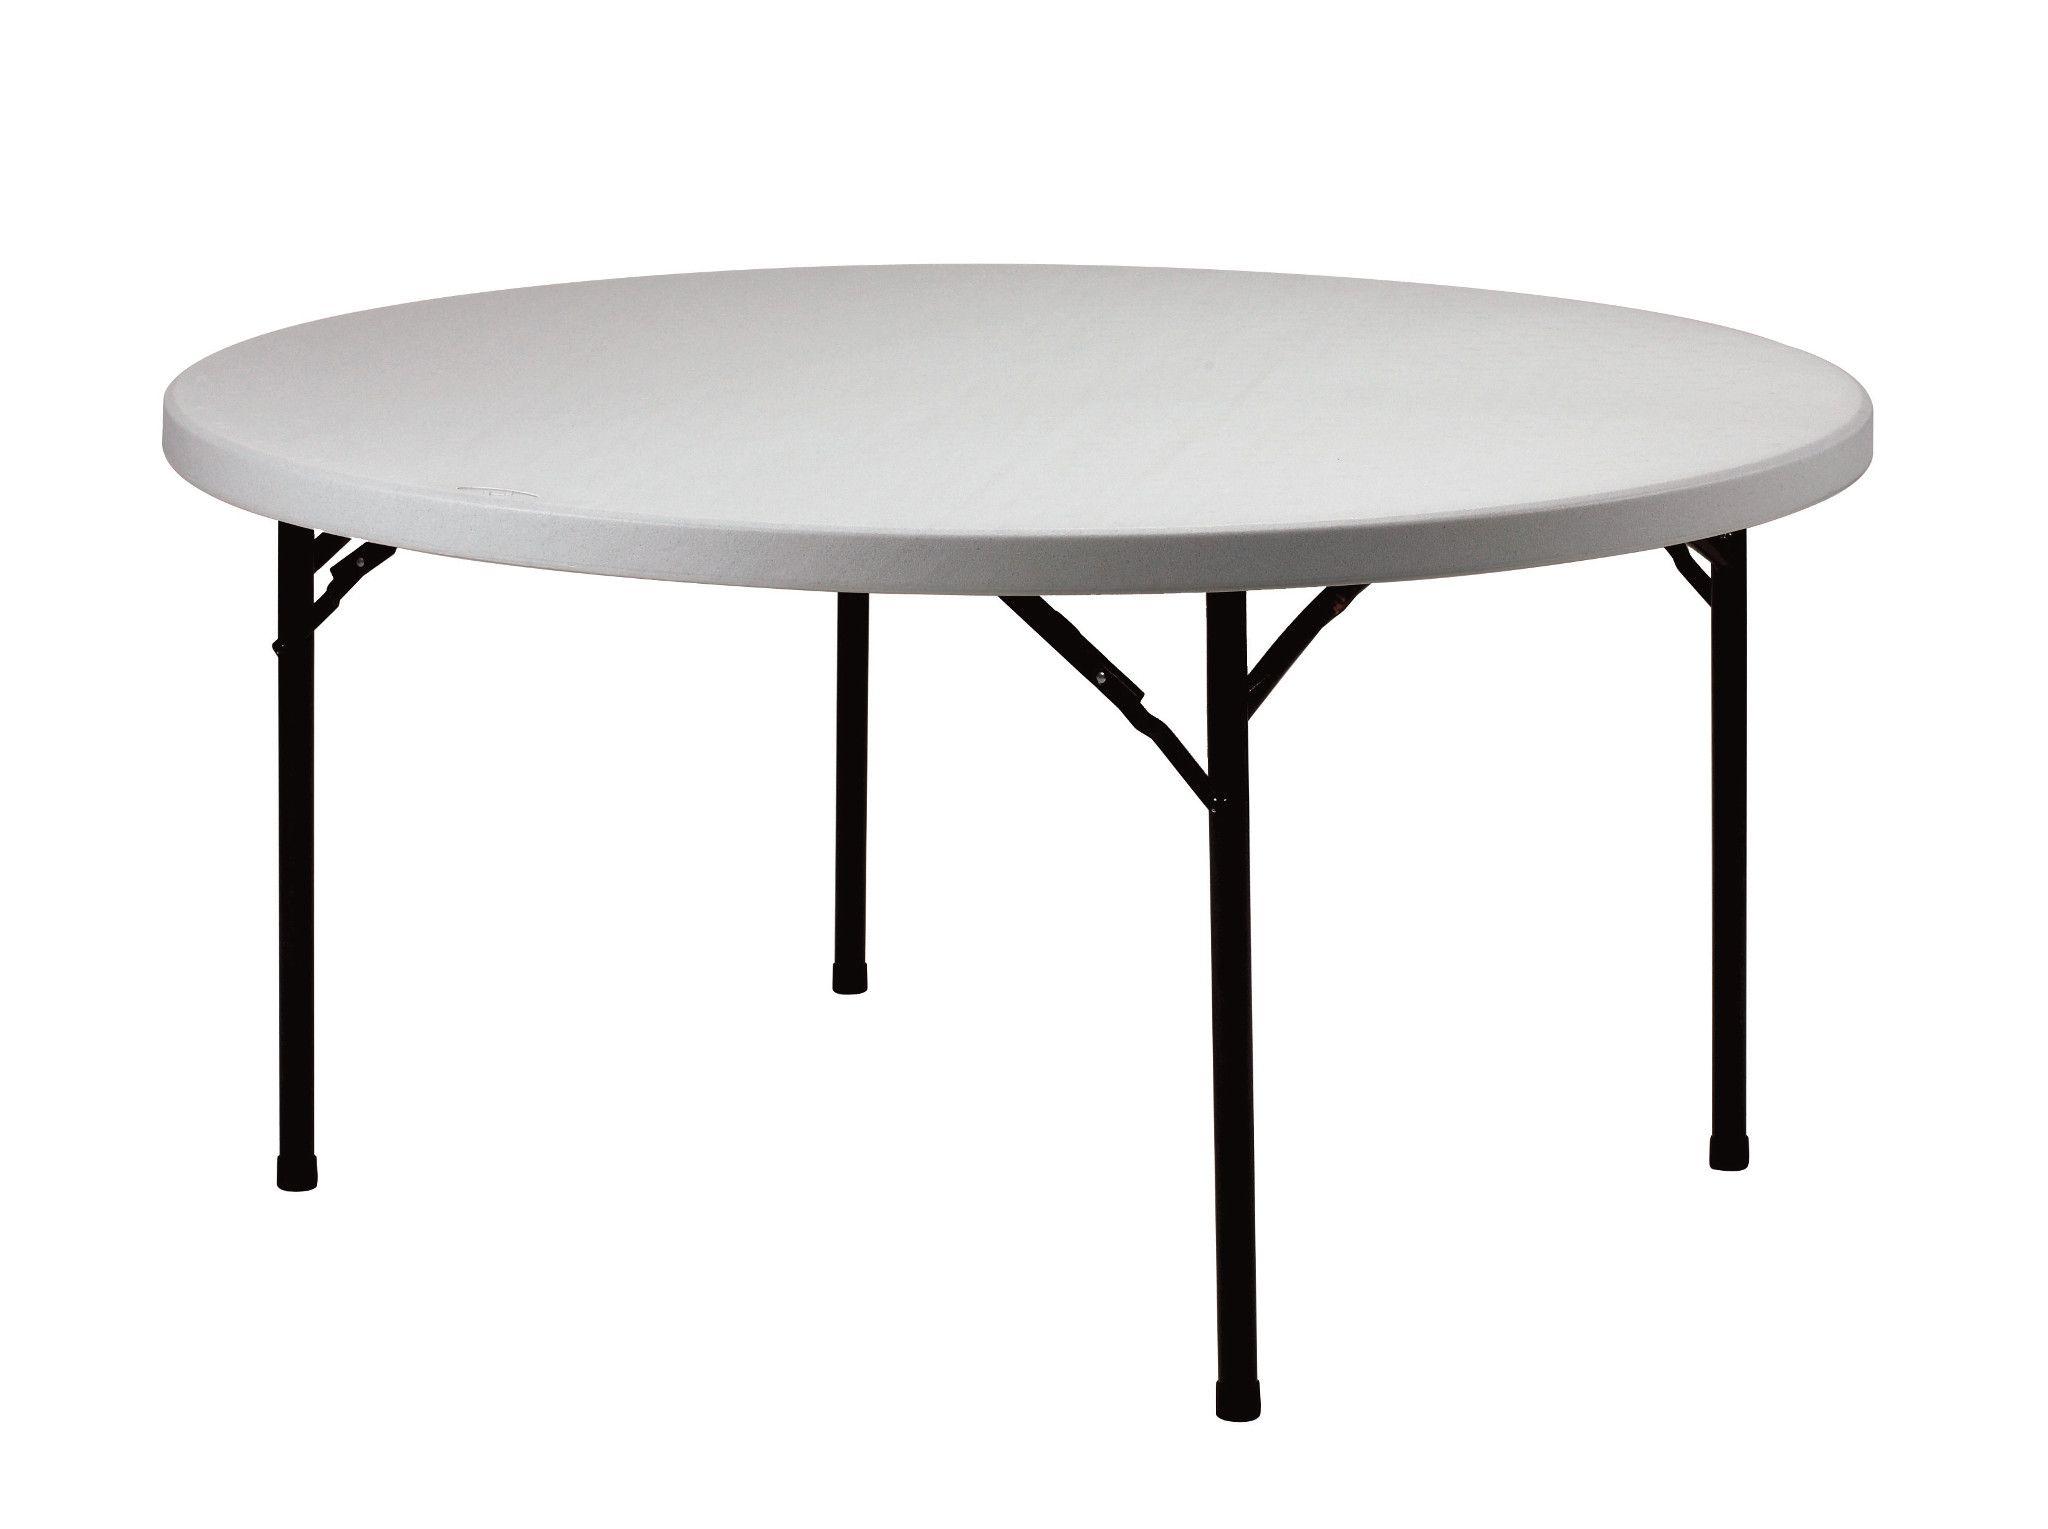 ki valuelite round folding table